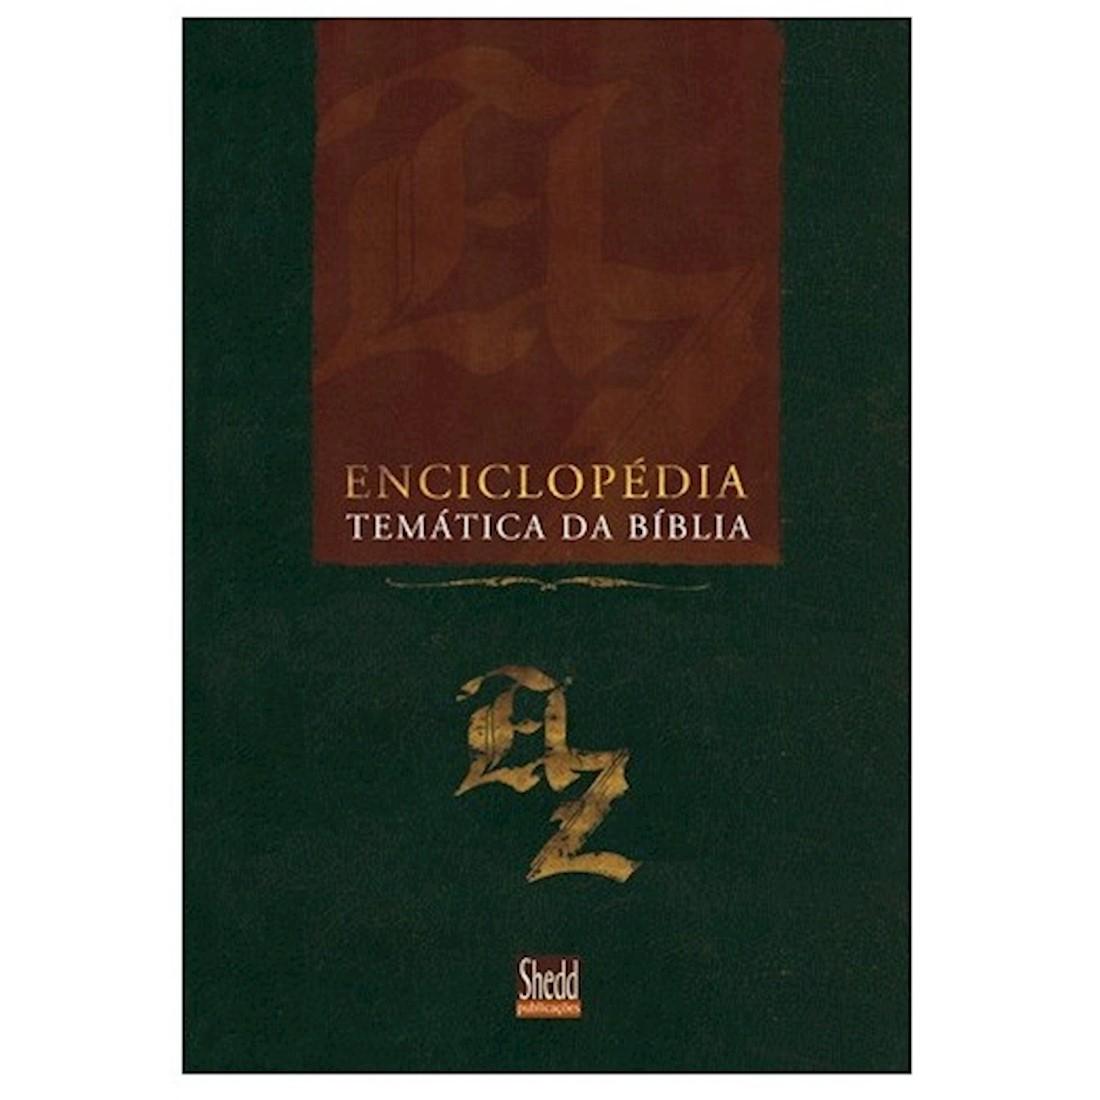 Livro Enciclopédia Temática da Bíblia